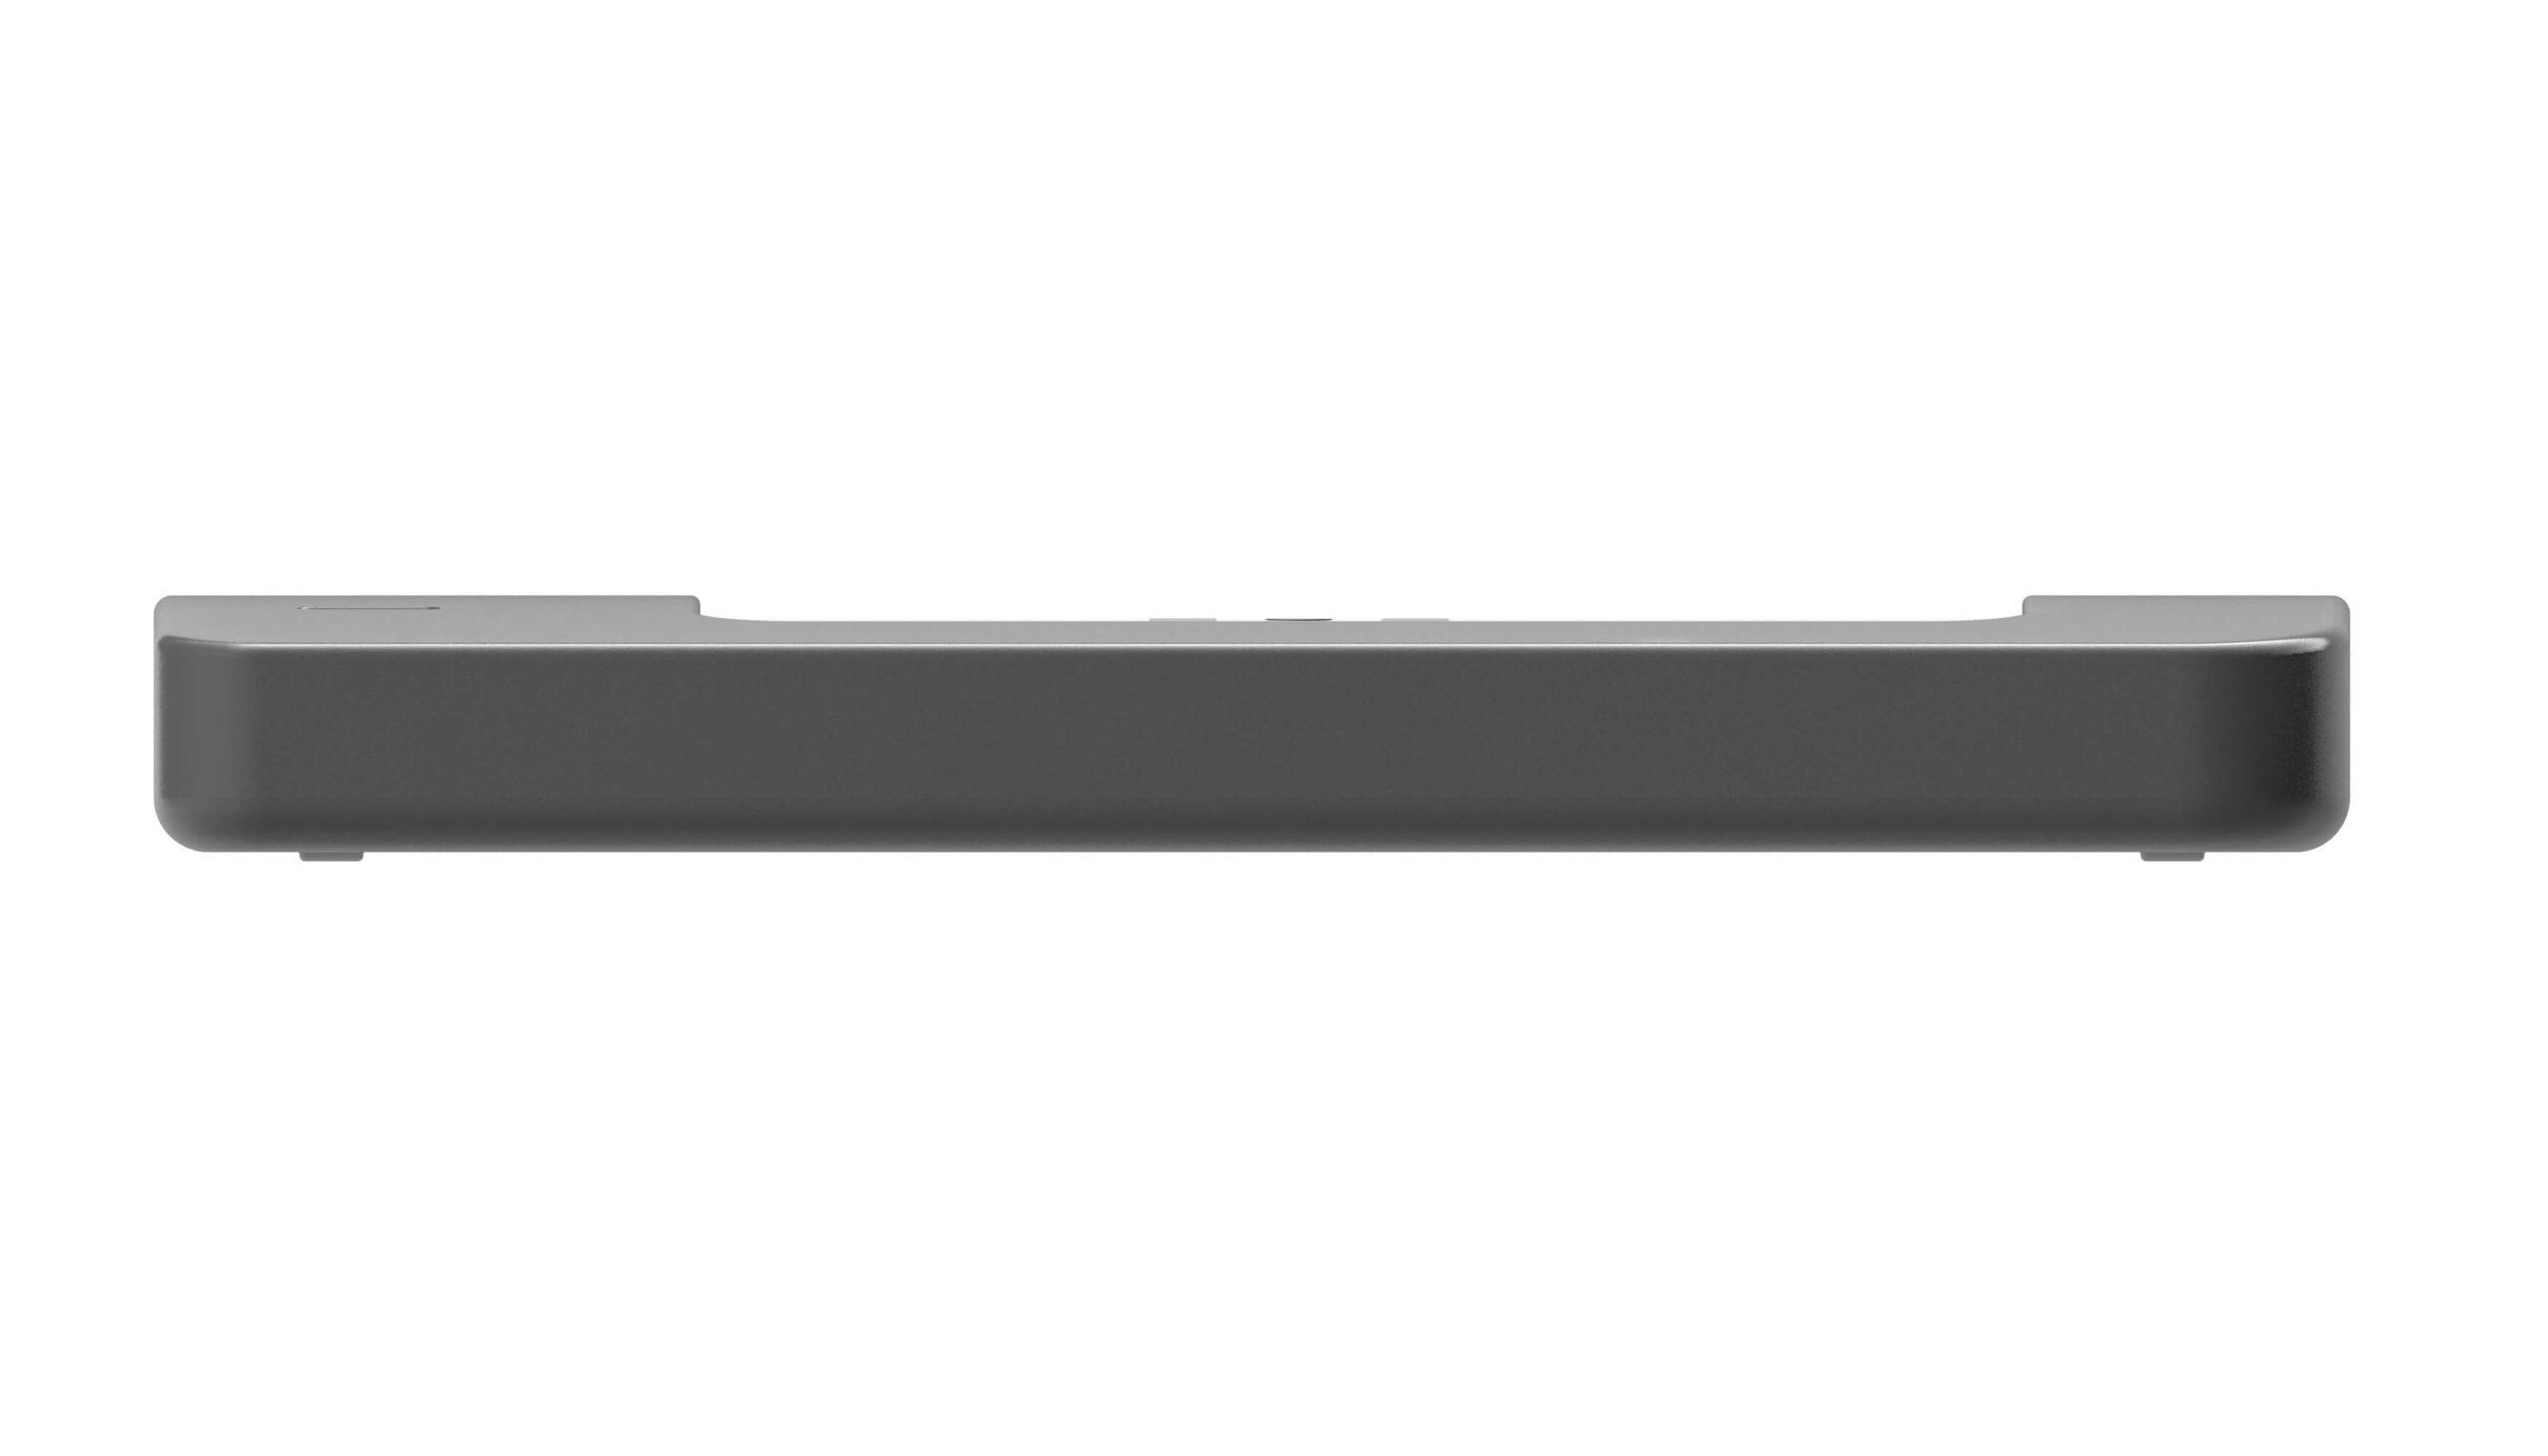 GLYPH Atom SSD כונן גיבוי חציוני לצלמים, עורכי וידאו , סאונד ואדריכלים